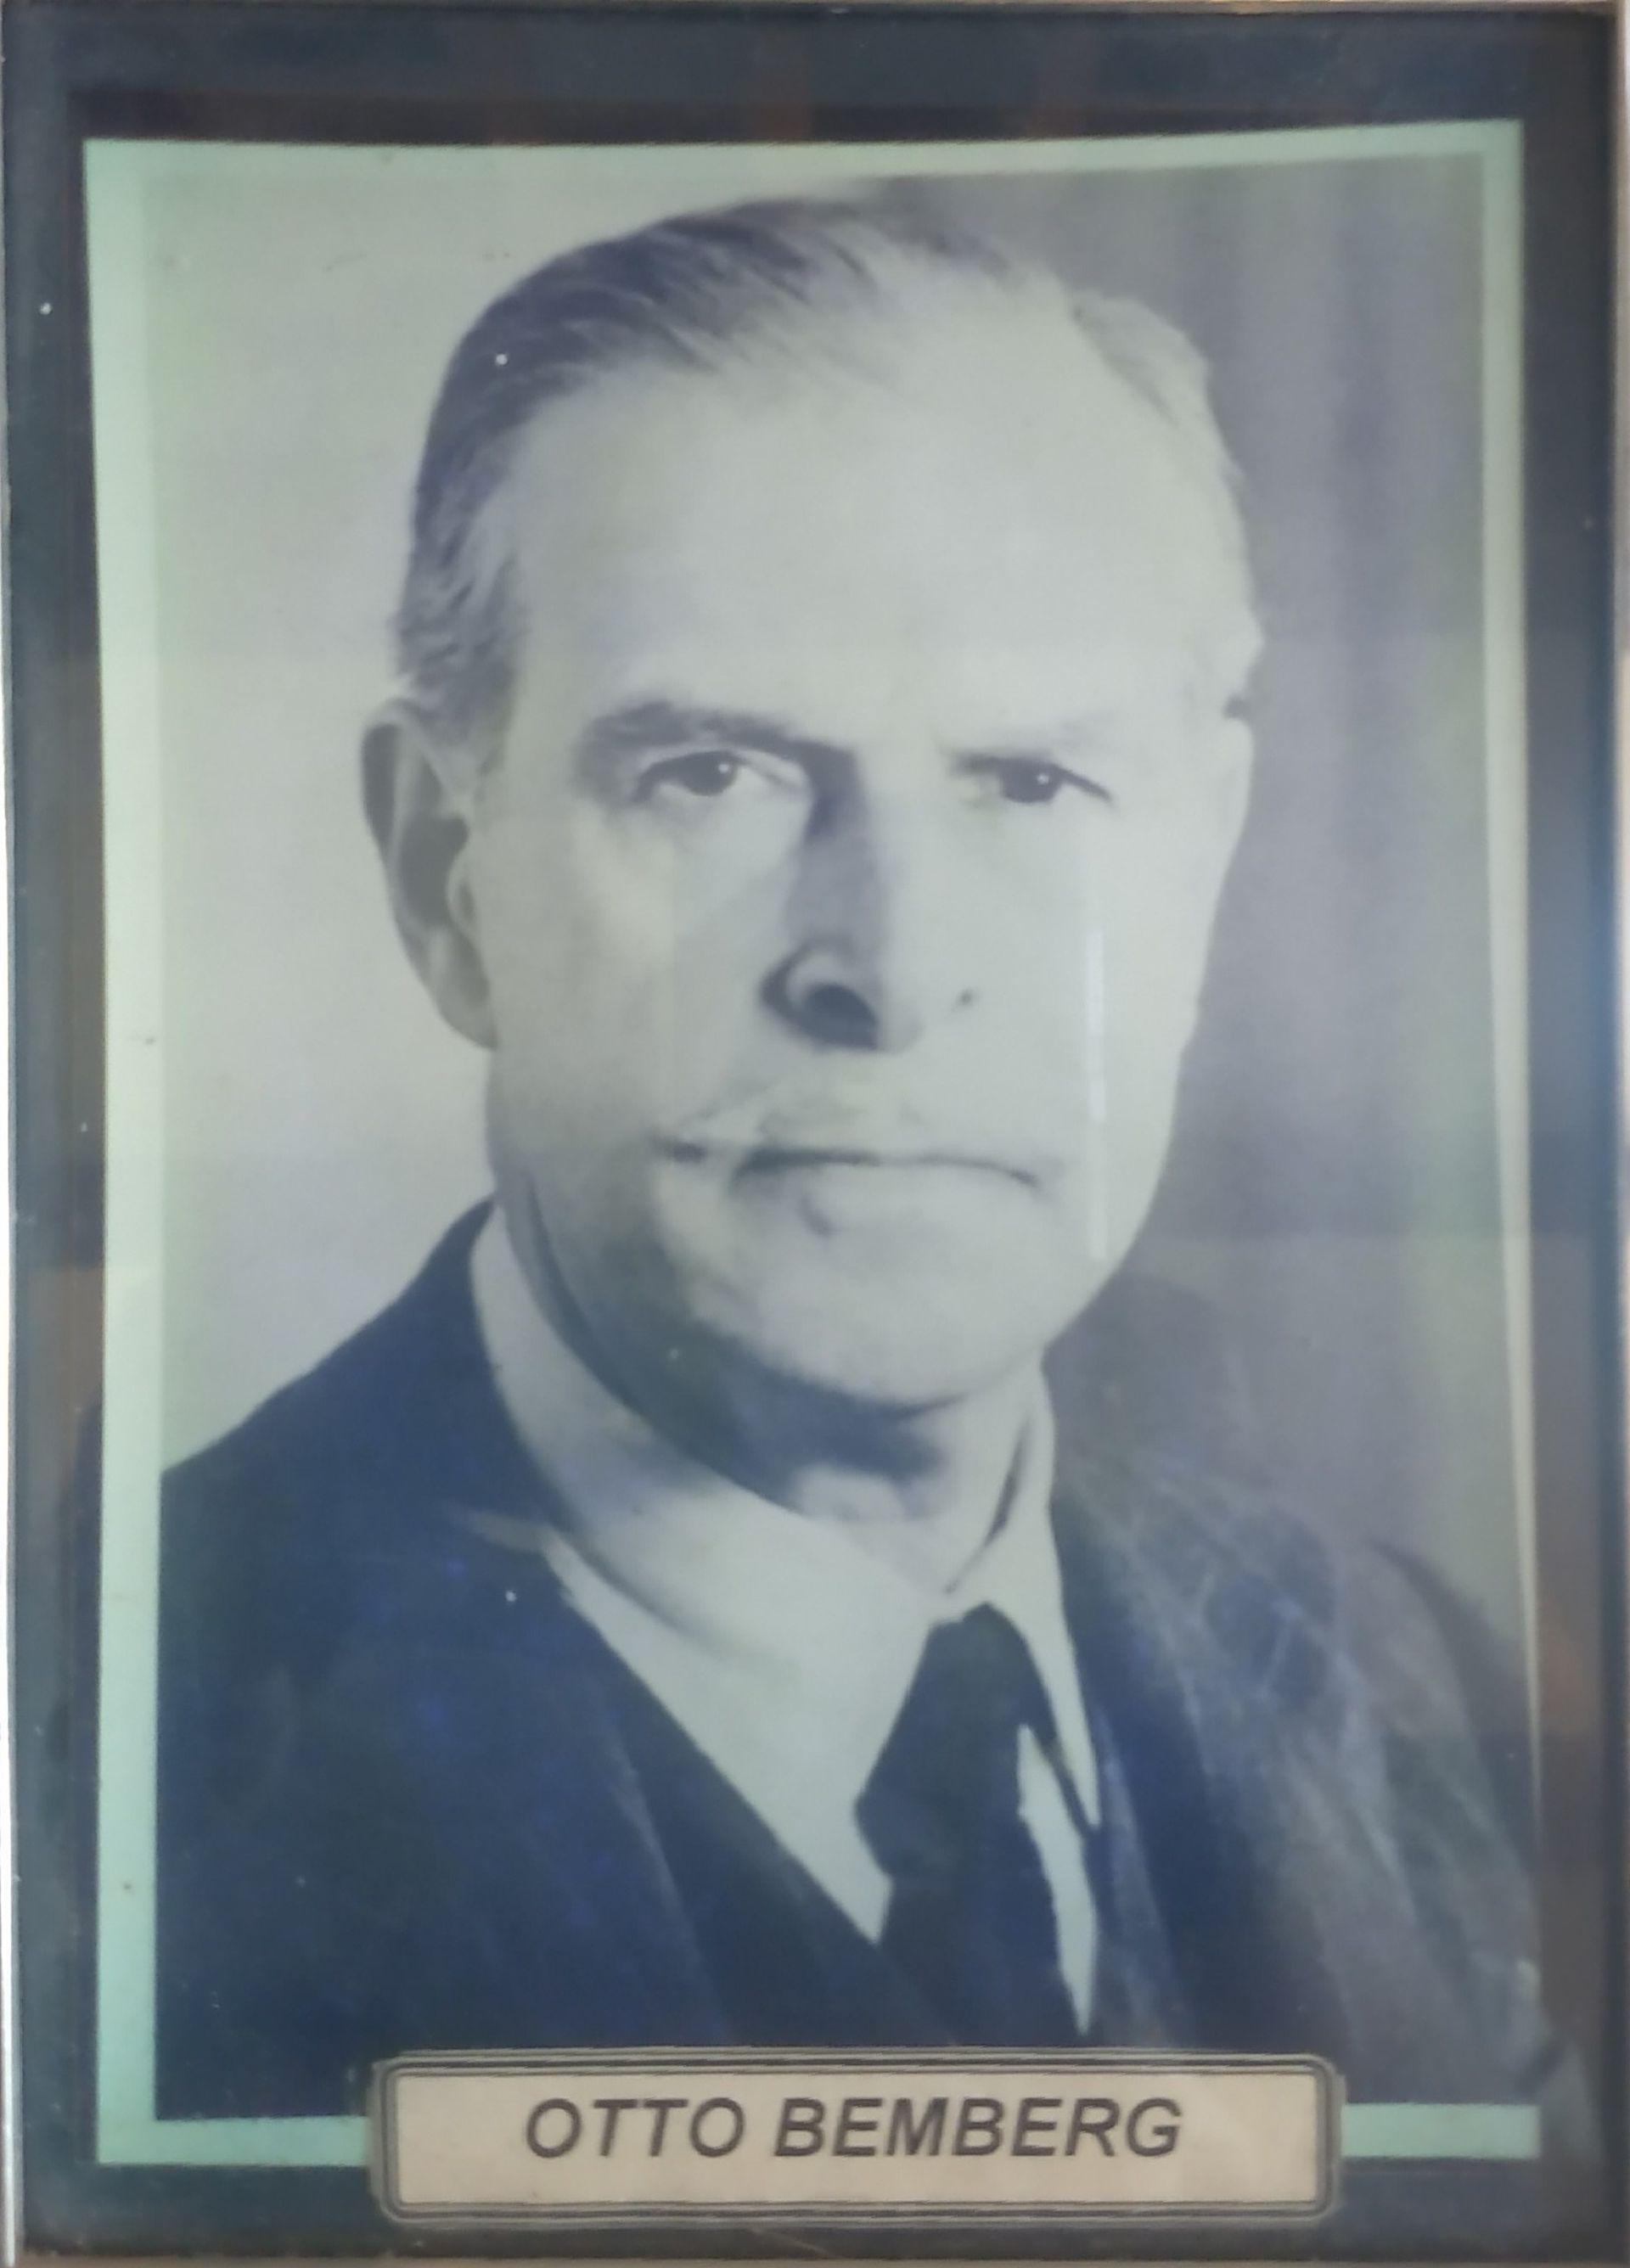 """Desde el fundador de Quilmes, hay un linaje de varios """"Otto Bemberg"""" en la familia a lo largo de las generaciones."""